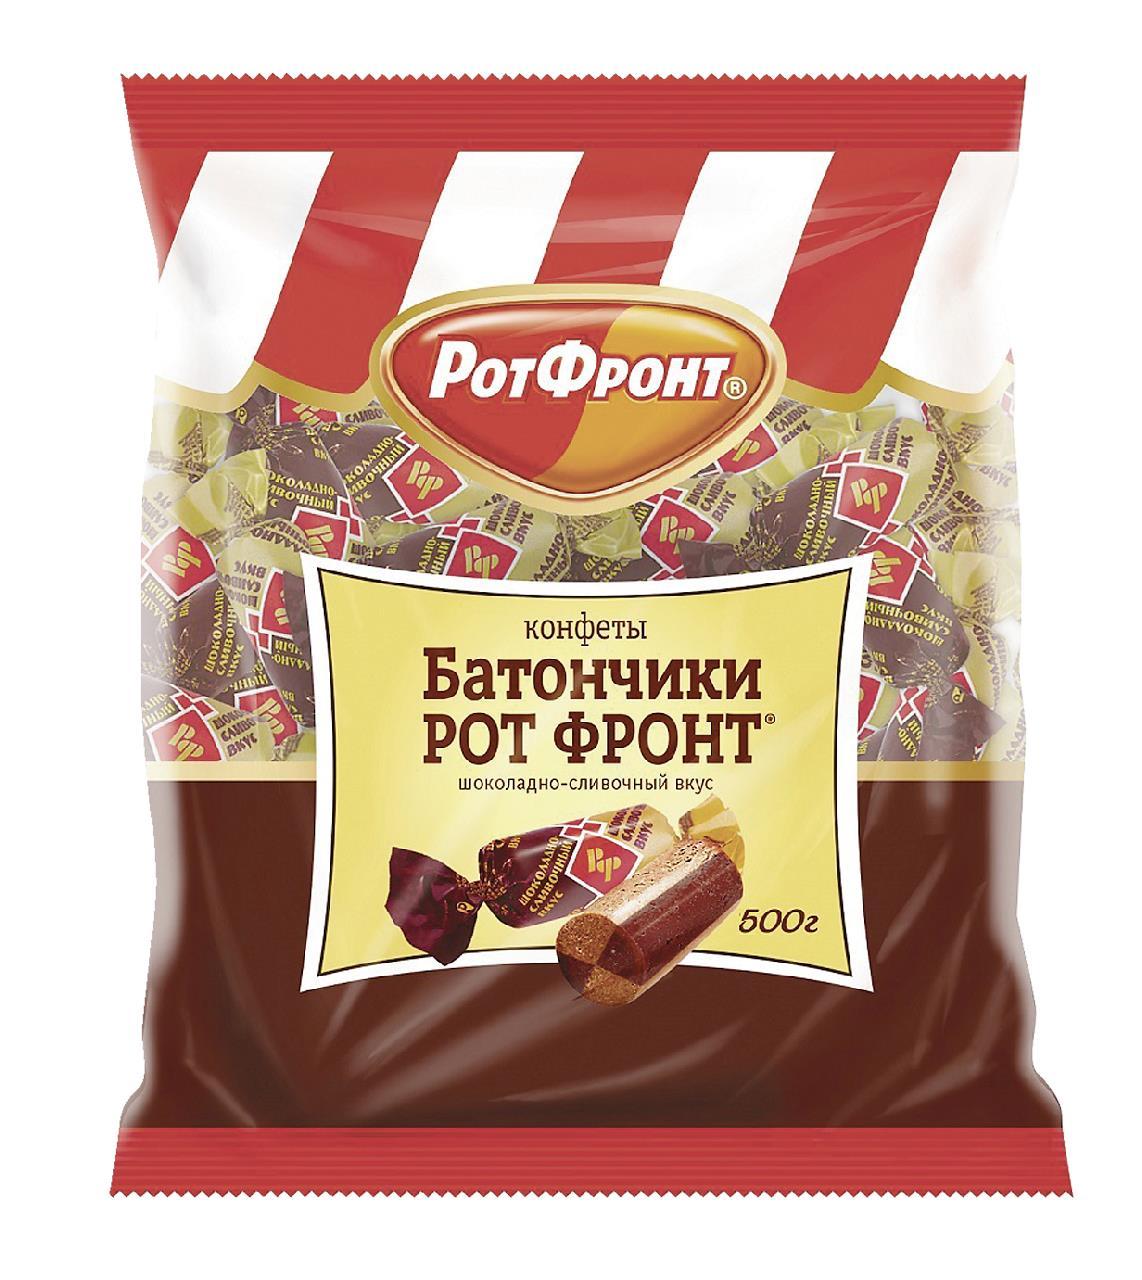 Батончики РОТ ФРОНТ Шоколадно-сливочные, 500г